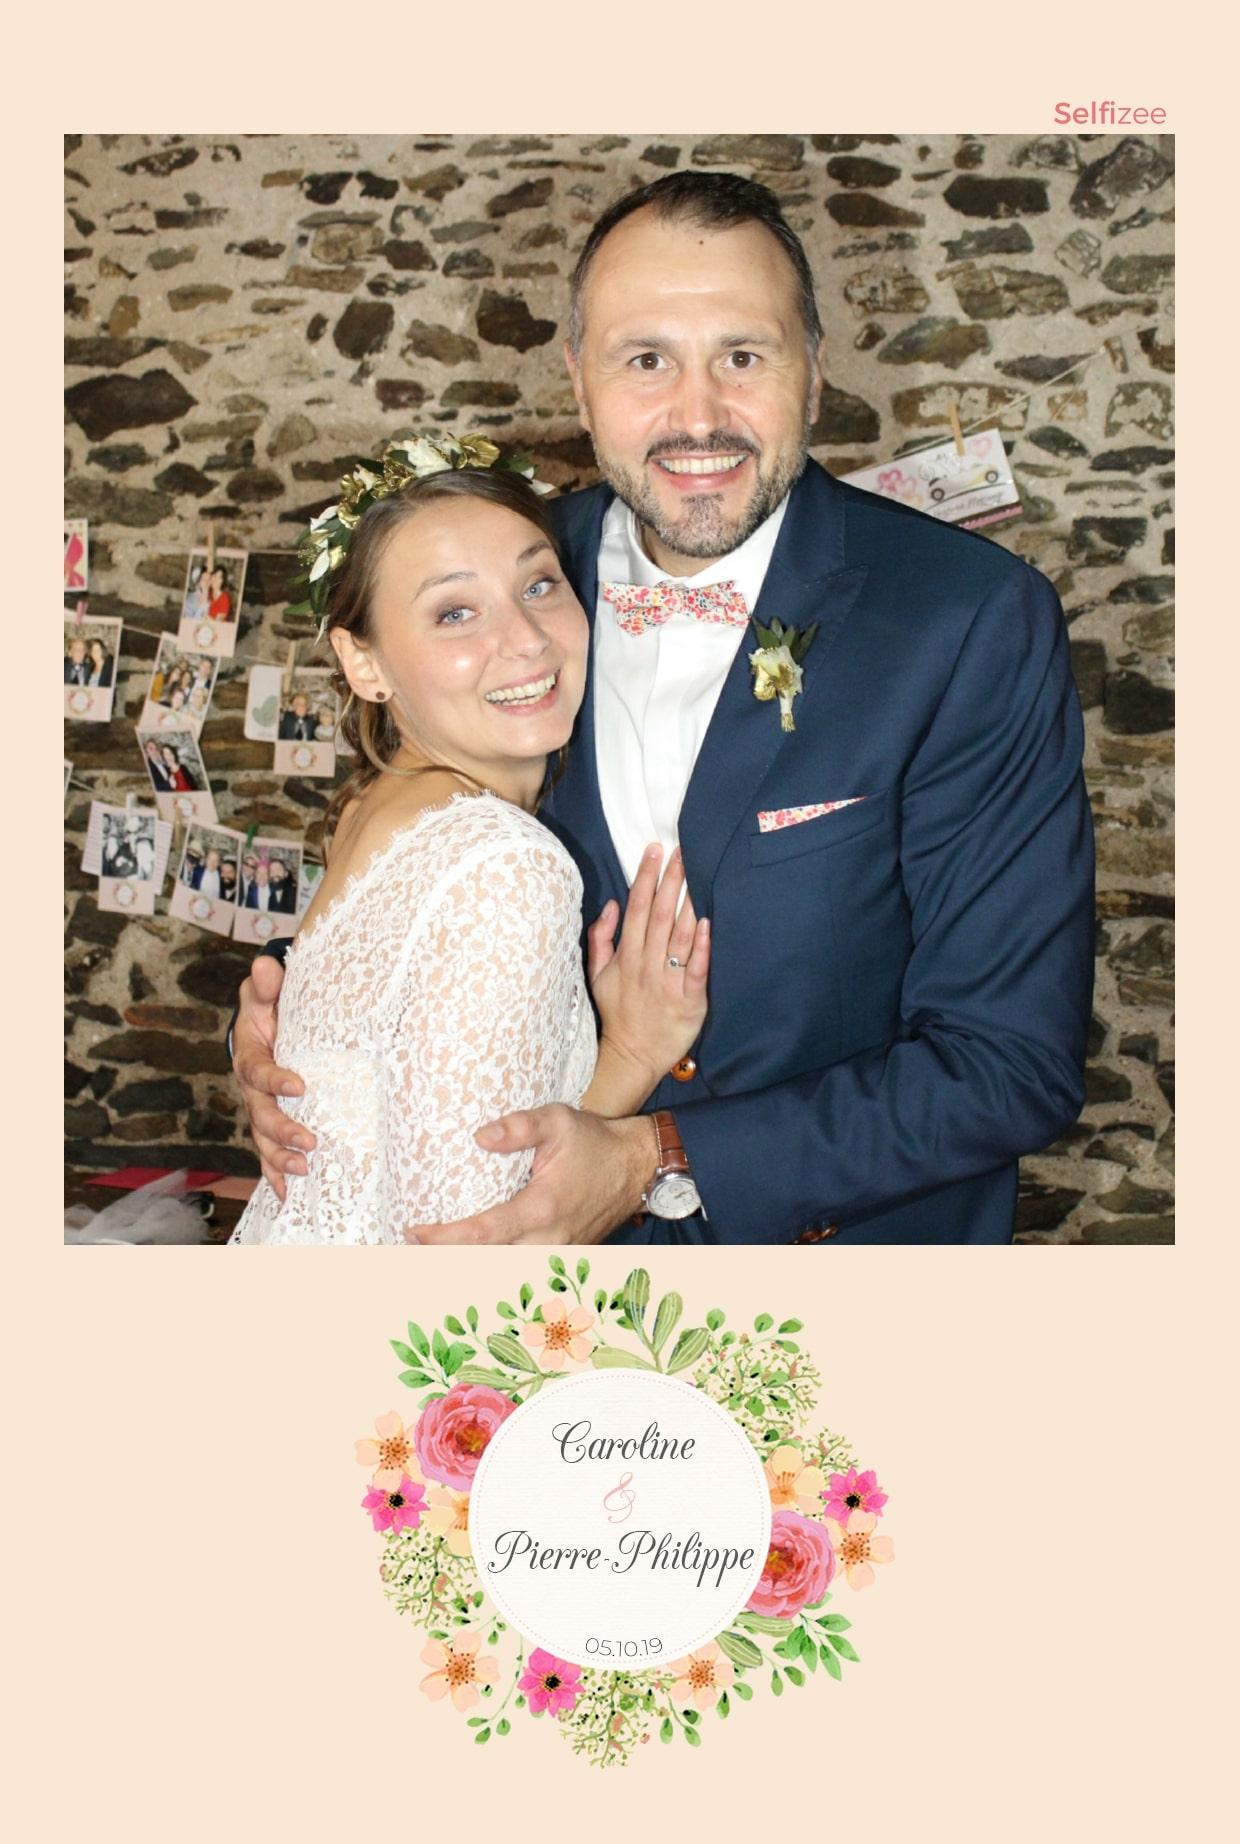 Borne photo pour animation mariage avec selfies personnalisés à Nantes - location photobooth avec imprimante pour mariage ou fête